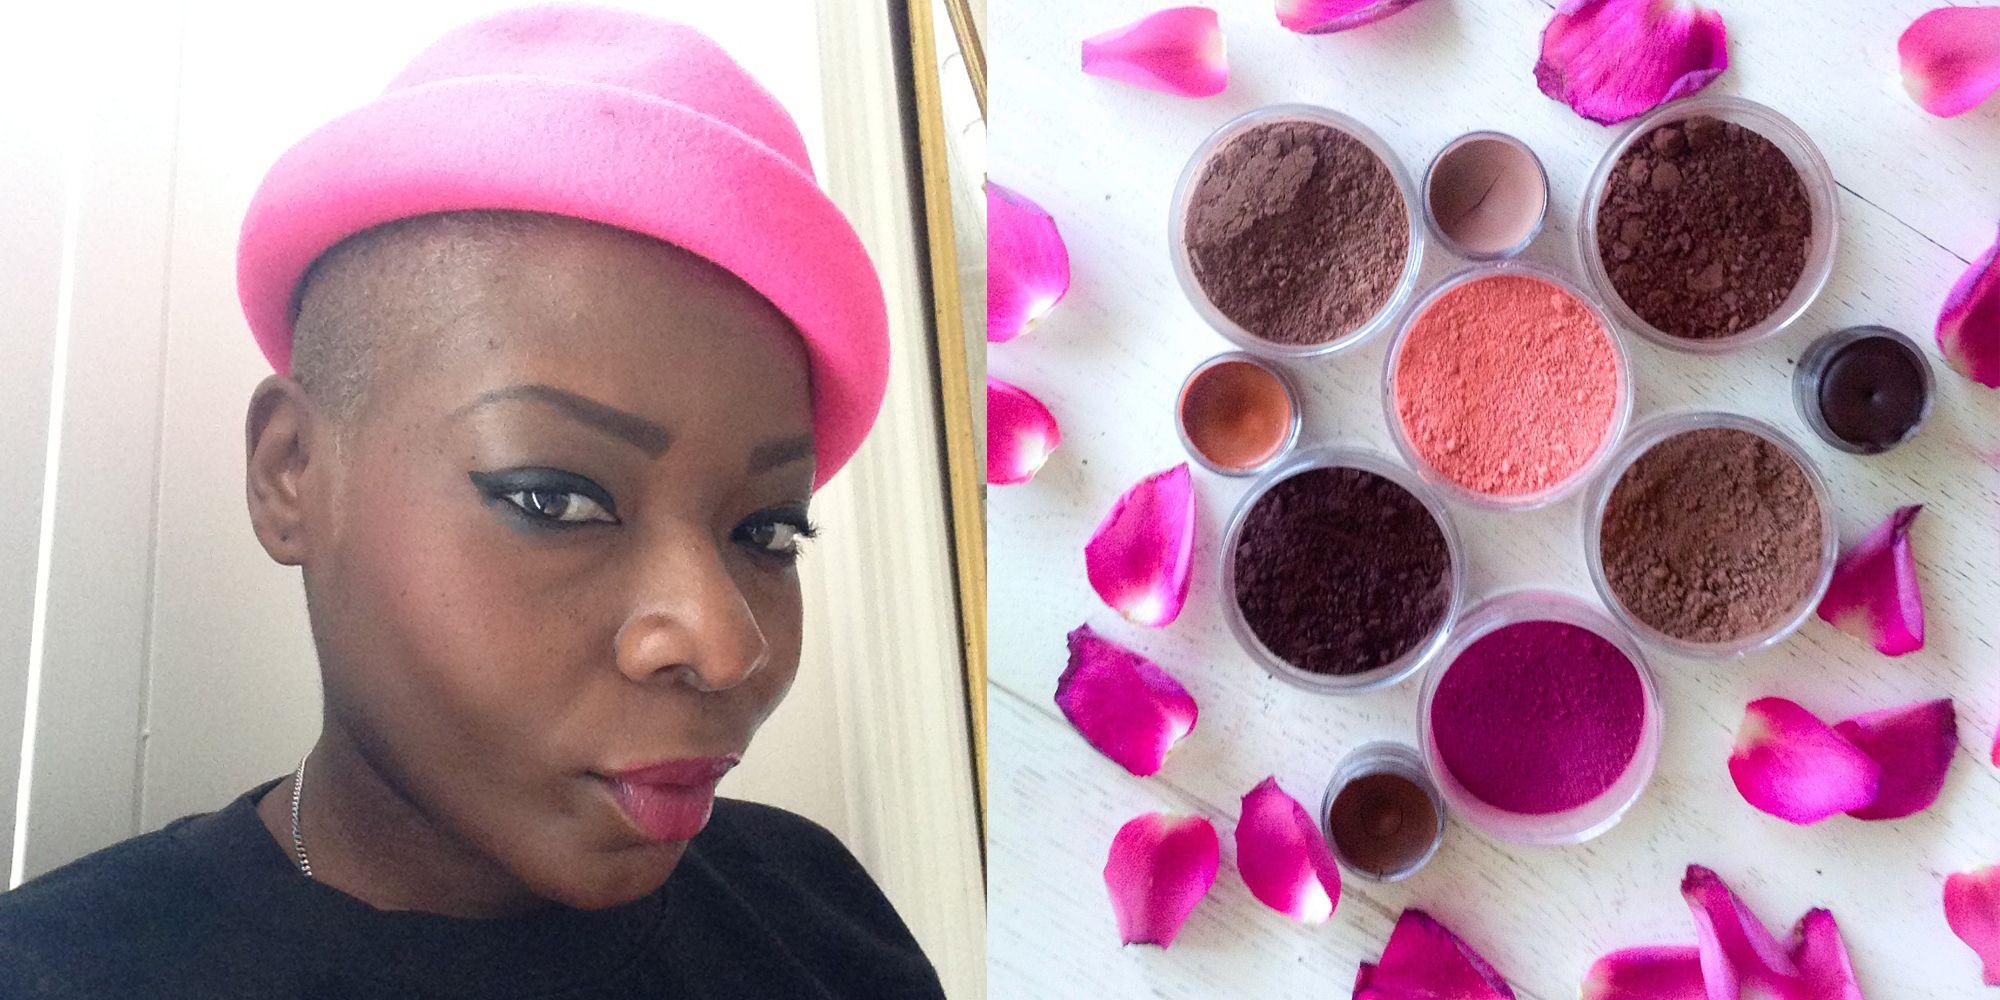 Cake Cosmetics Makeup Review